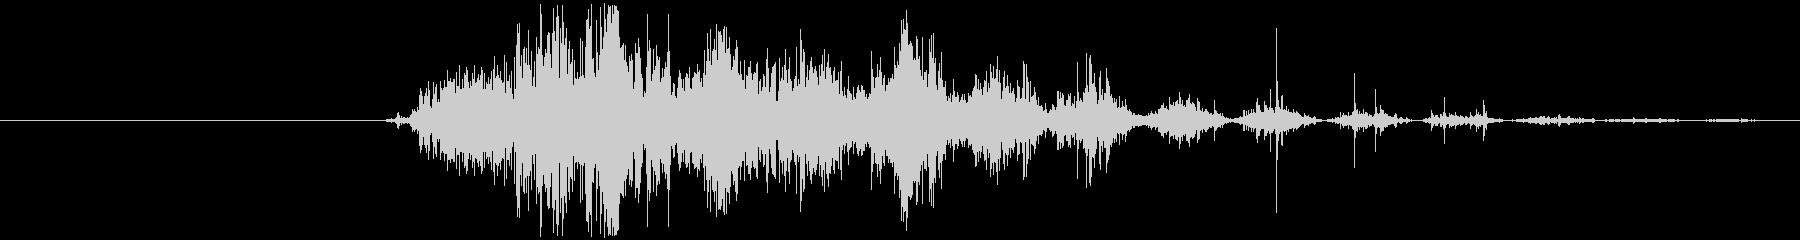 効果音 ヒューイン 電子音の未再生の波形